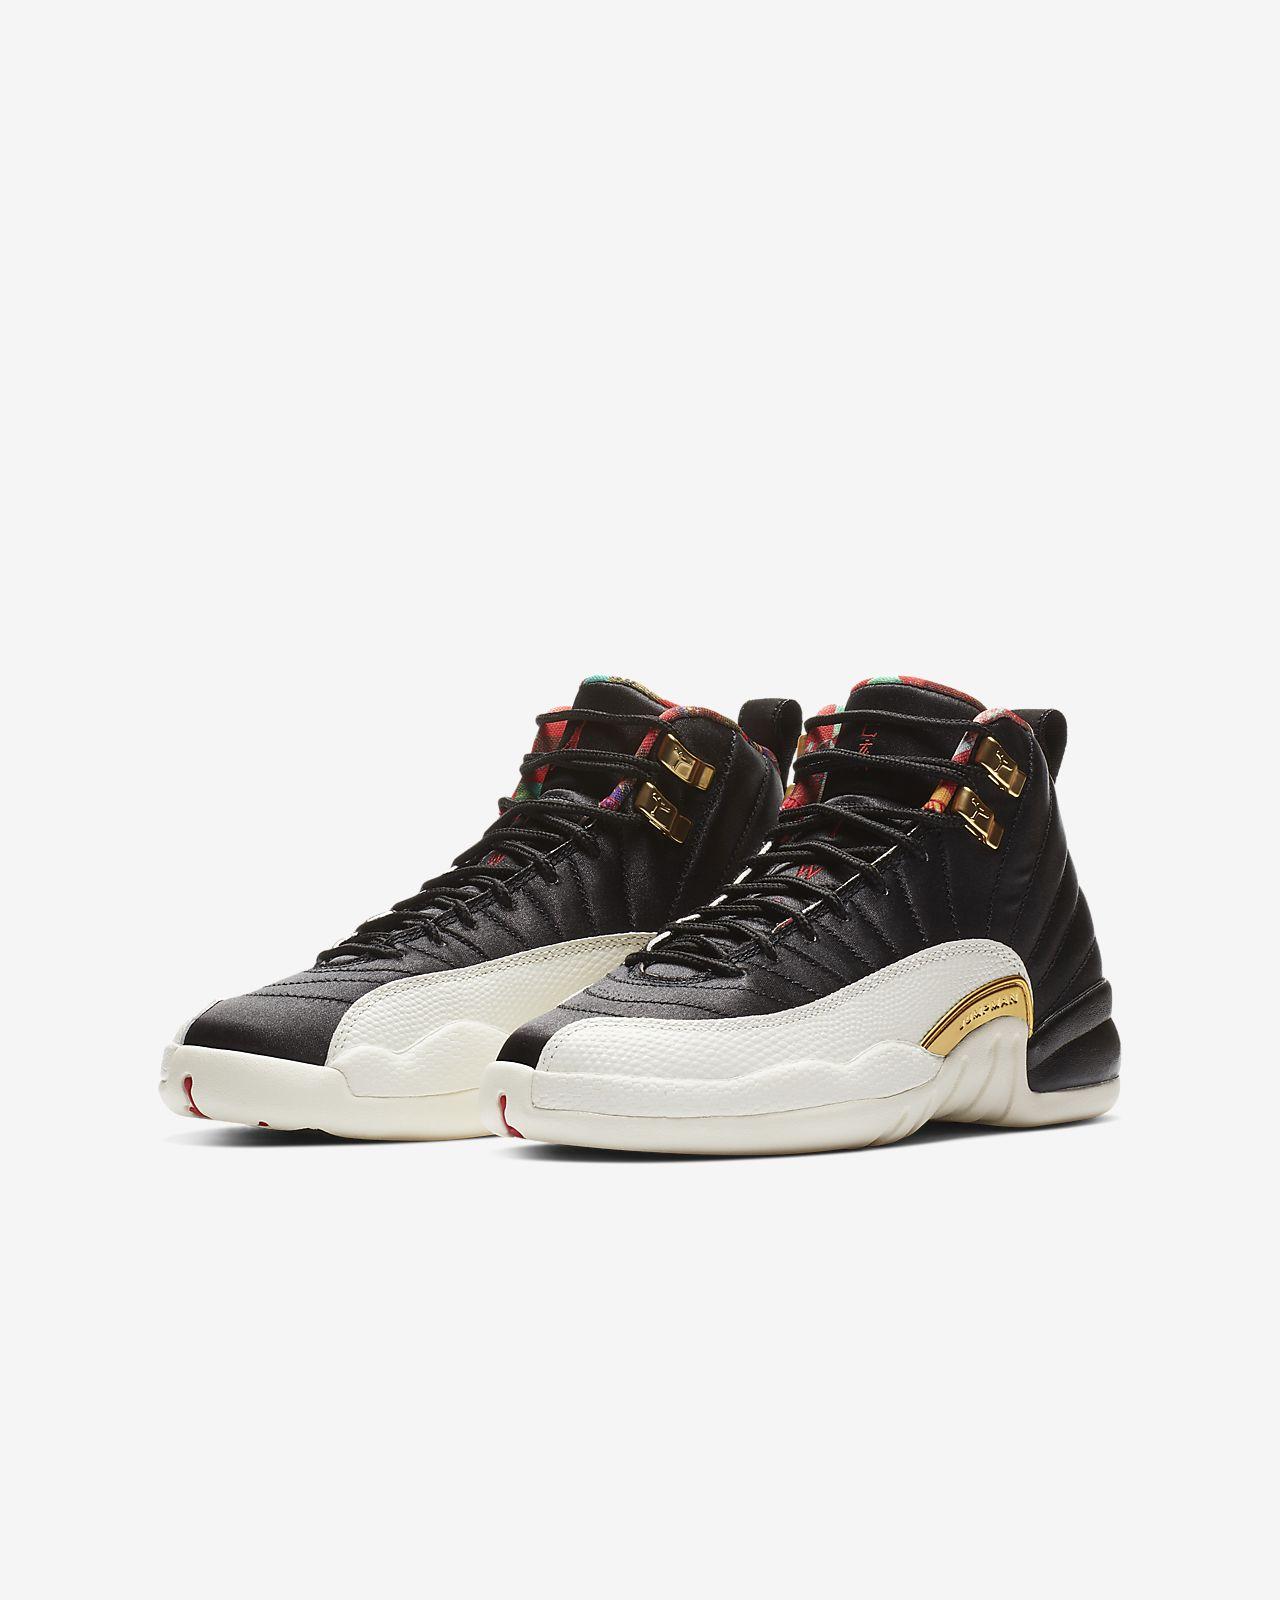 0e3f85a49bb Air Jordan 12 Retro CNY Big Kids  Shoe. Nike.com